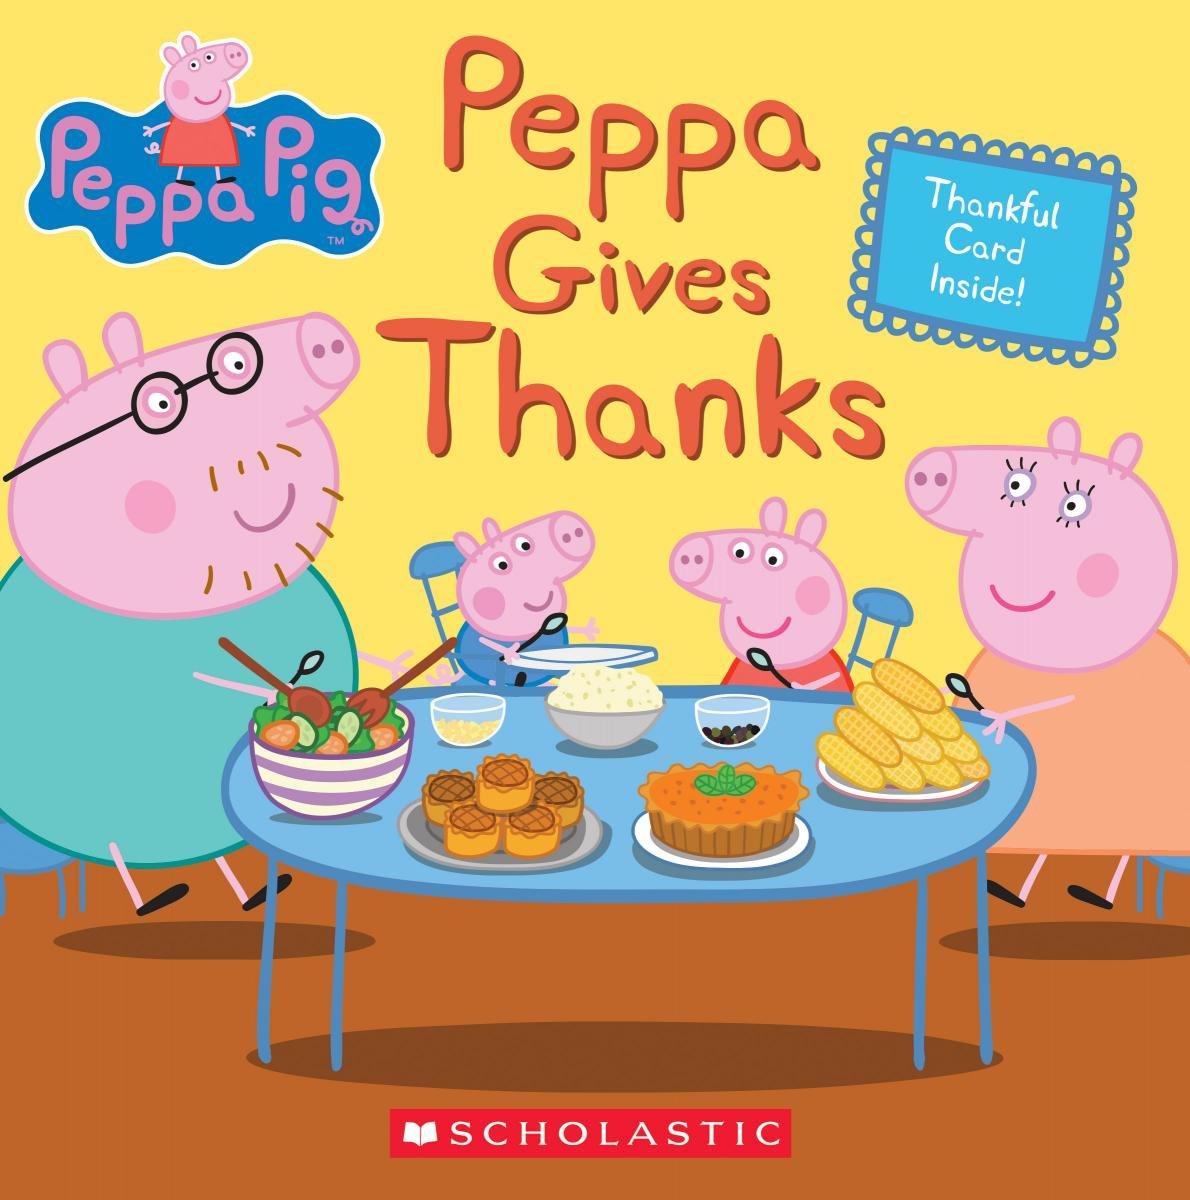 Peppa Gives Thanks Peppa Pig Rusu Meredith Eone